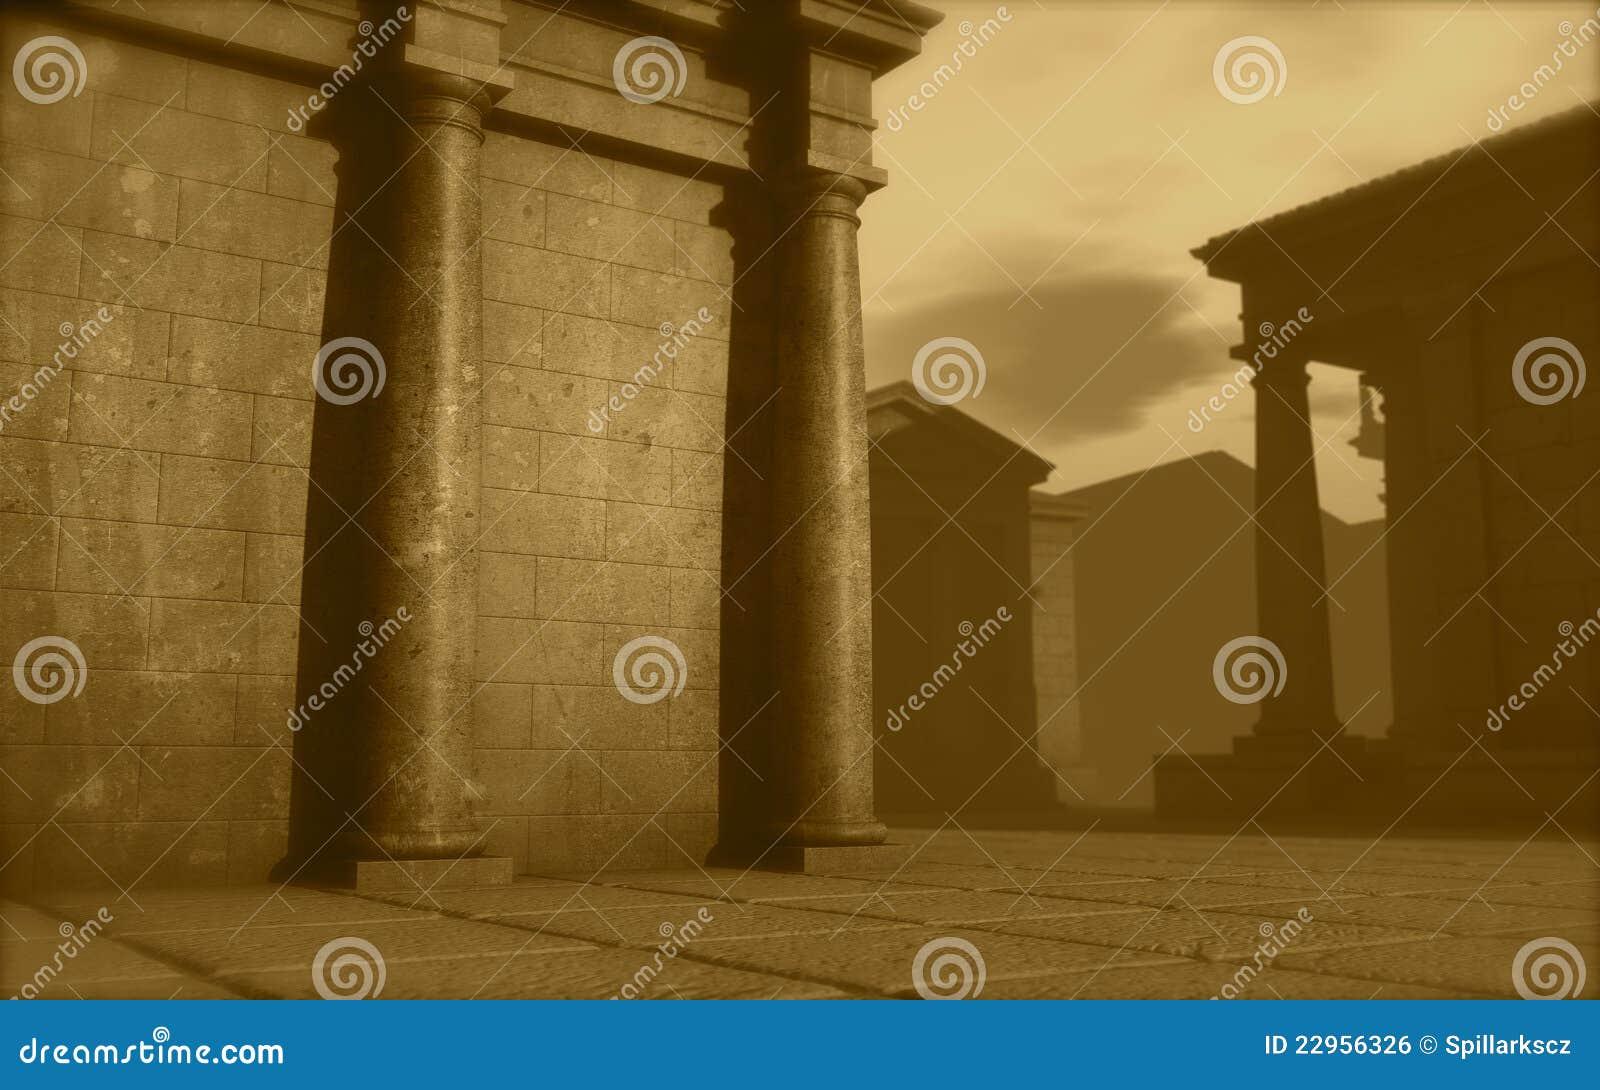 Il monumento romano di architettura 3d rende illustrazione for Programmi 3d architettura